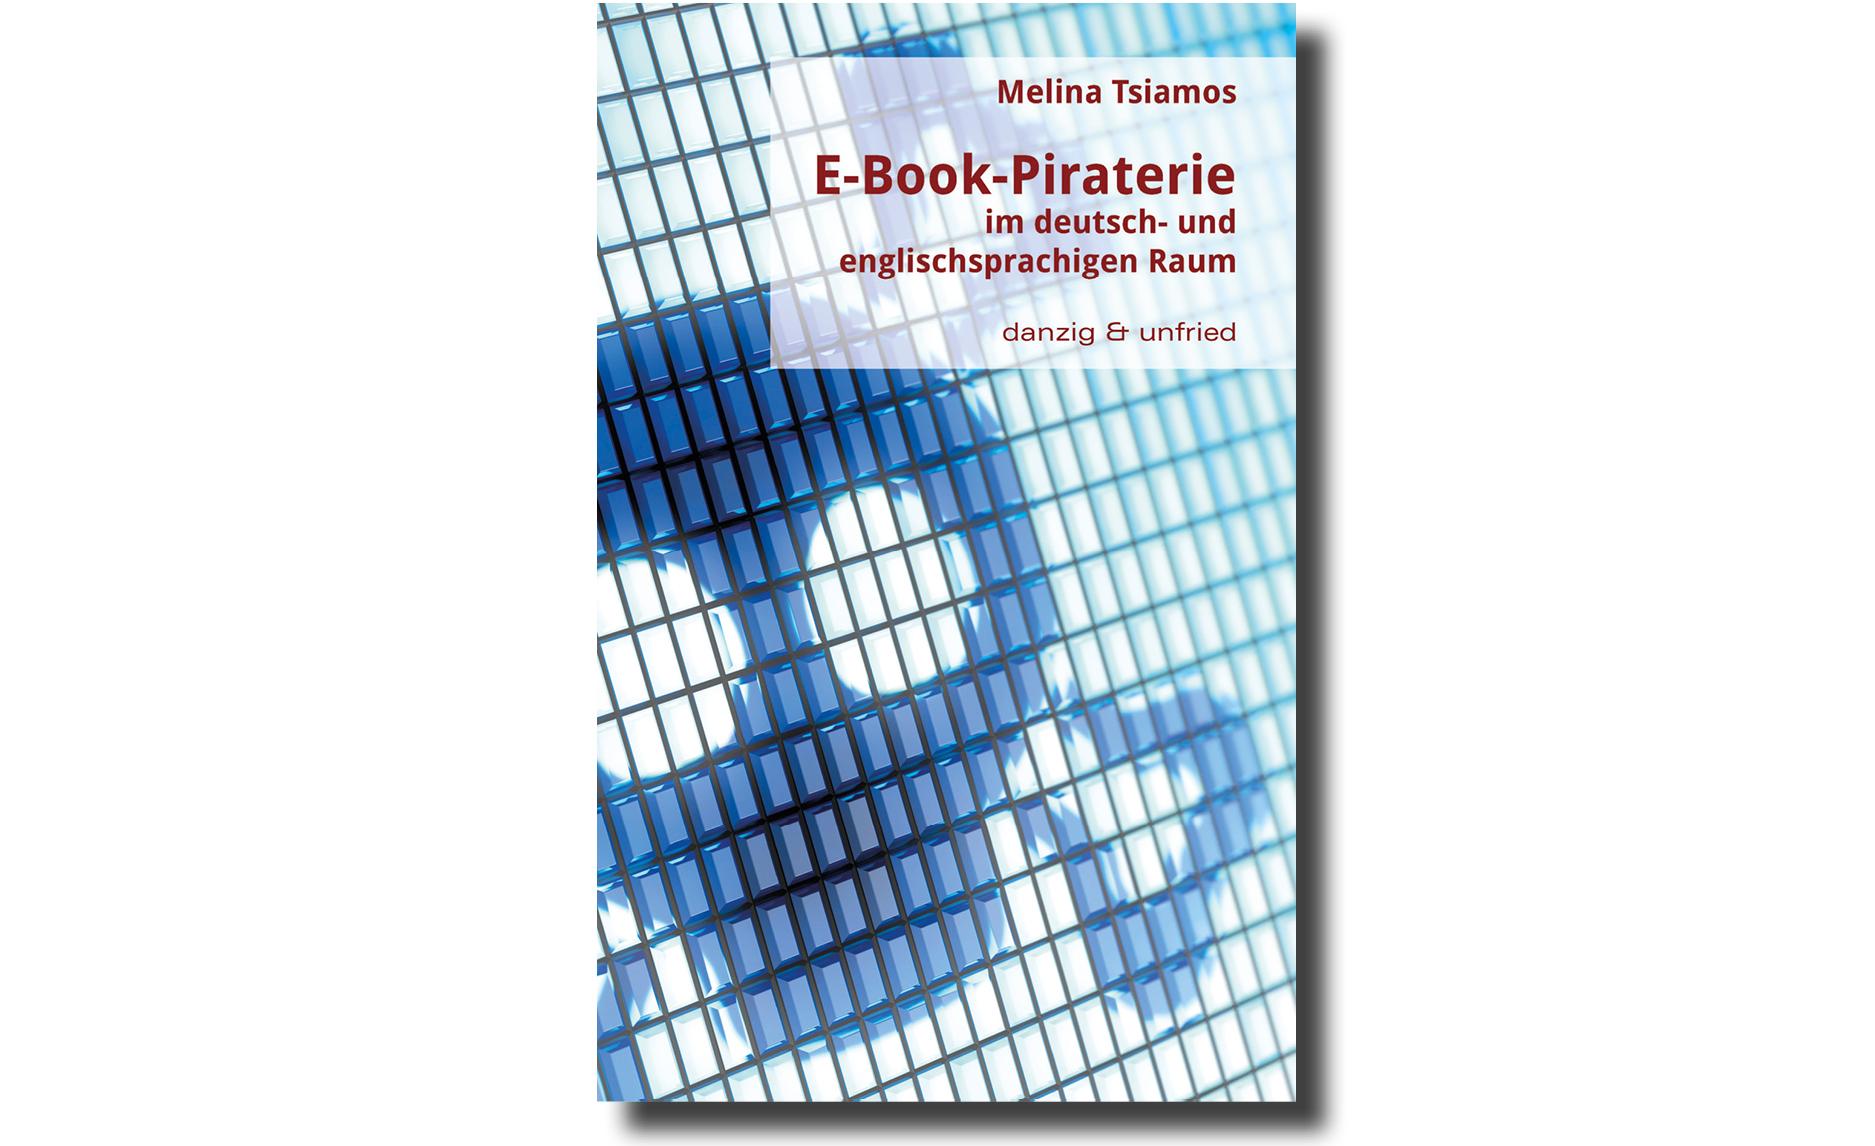 tsiamos-e-book-piraterie